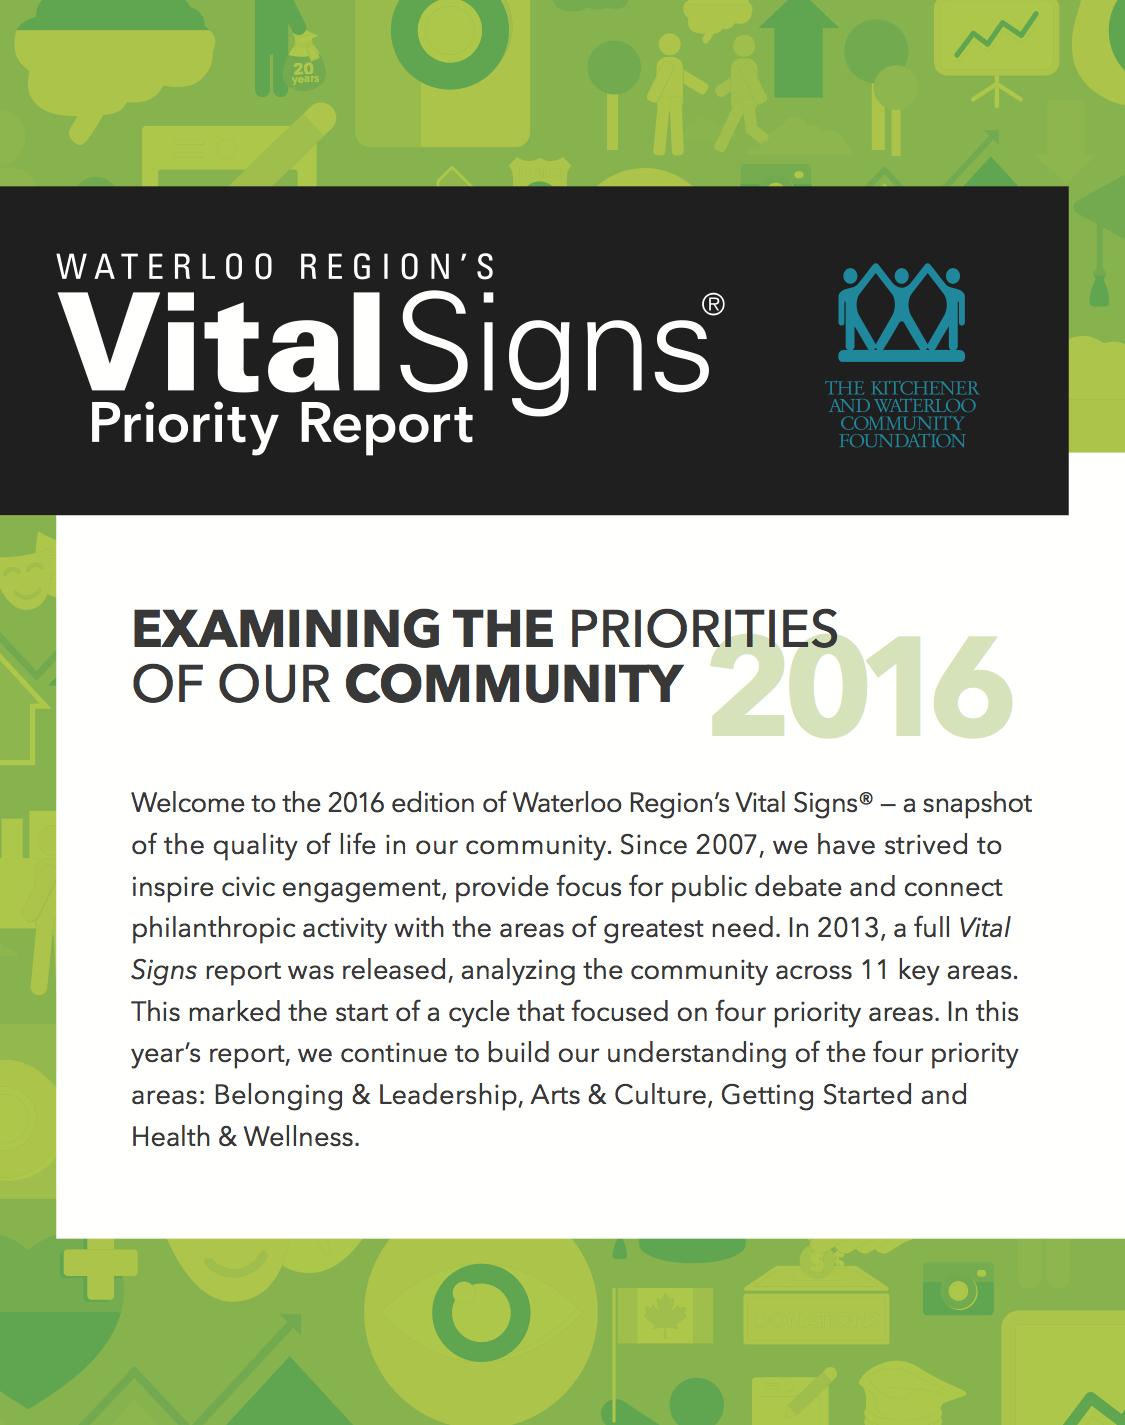 Waterloo Region's Vital Signs 2016_SinglePages (dragged).png